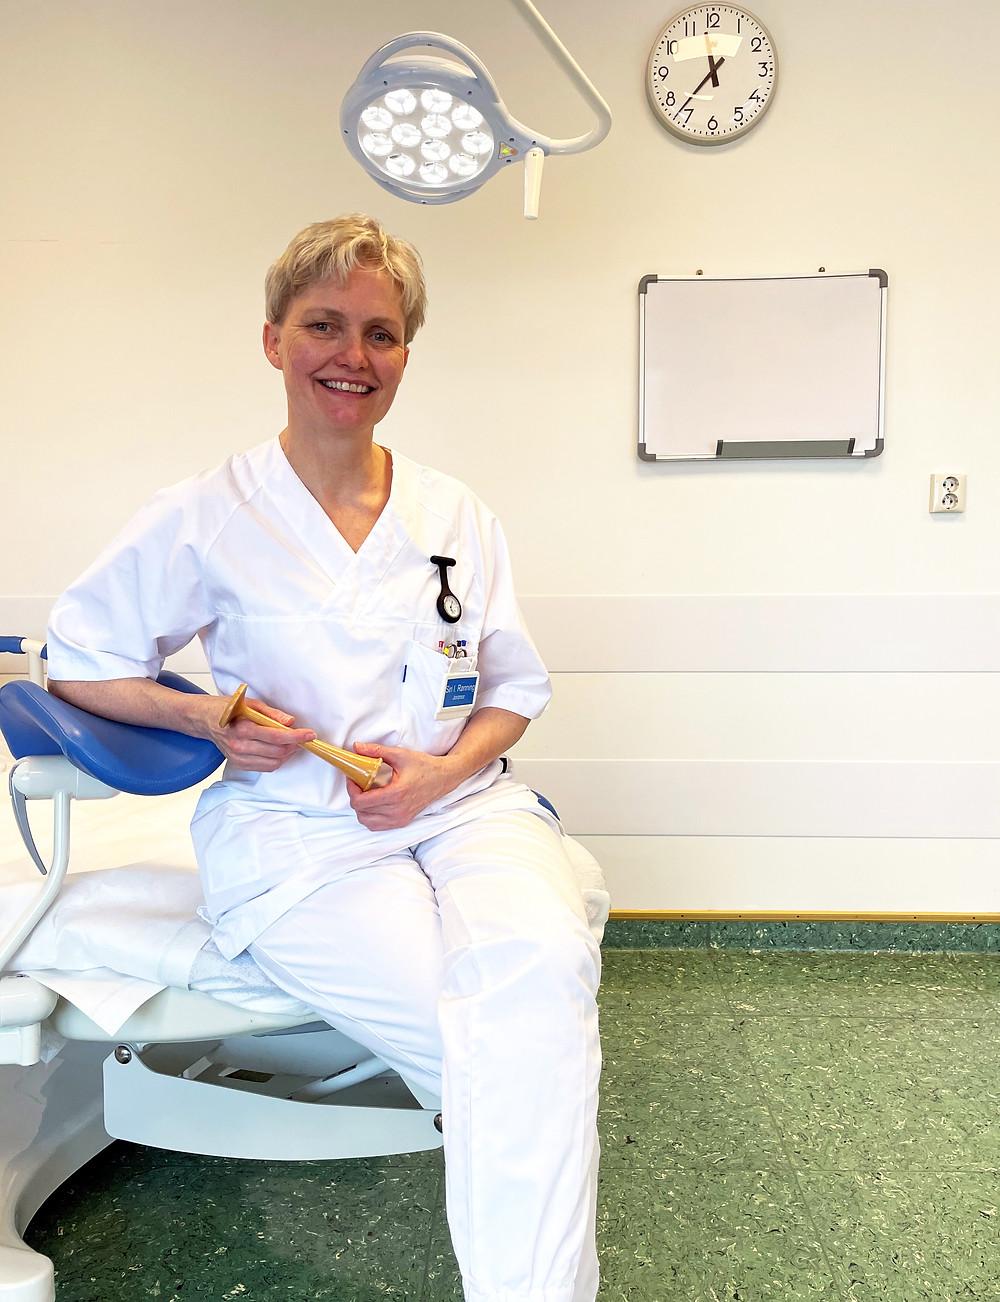 Siri Rønning er jordmor ved Helgelandssykehuset, men rakk å jobbe som sykepleier i både inn- og utland, før hun bestemte seg for å ta en ny retning.